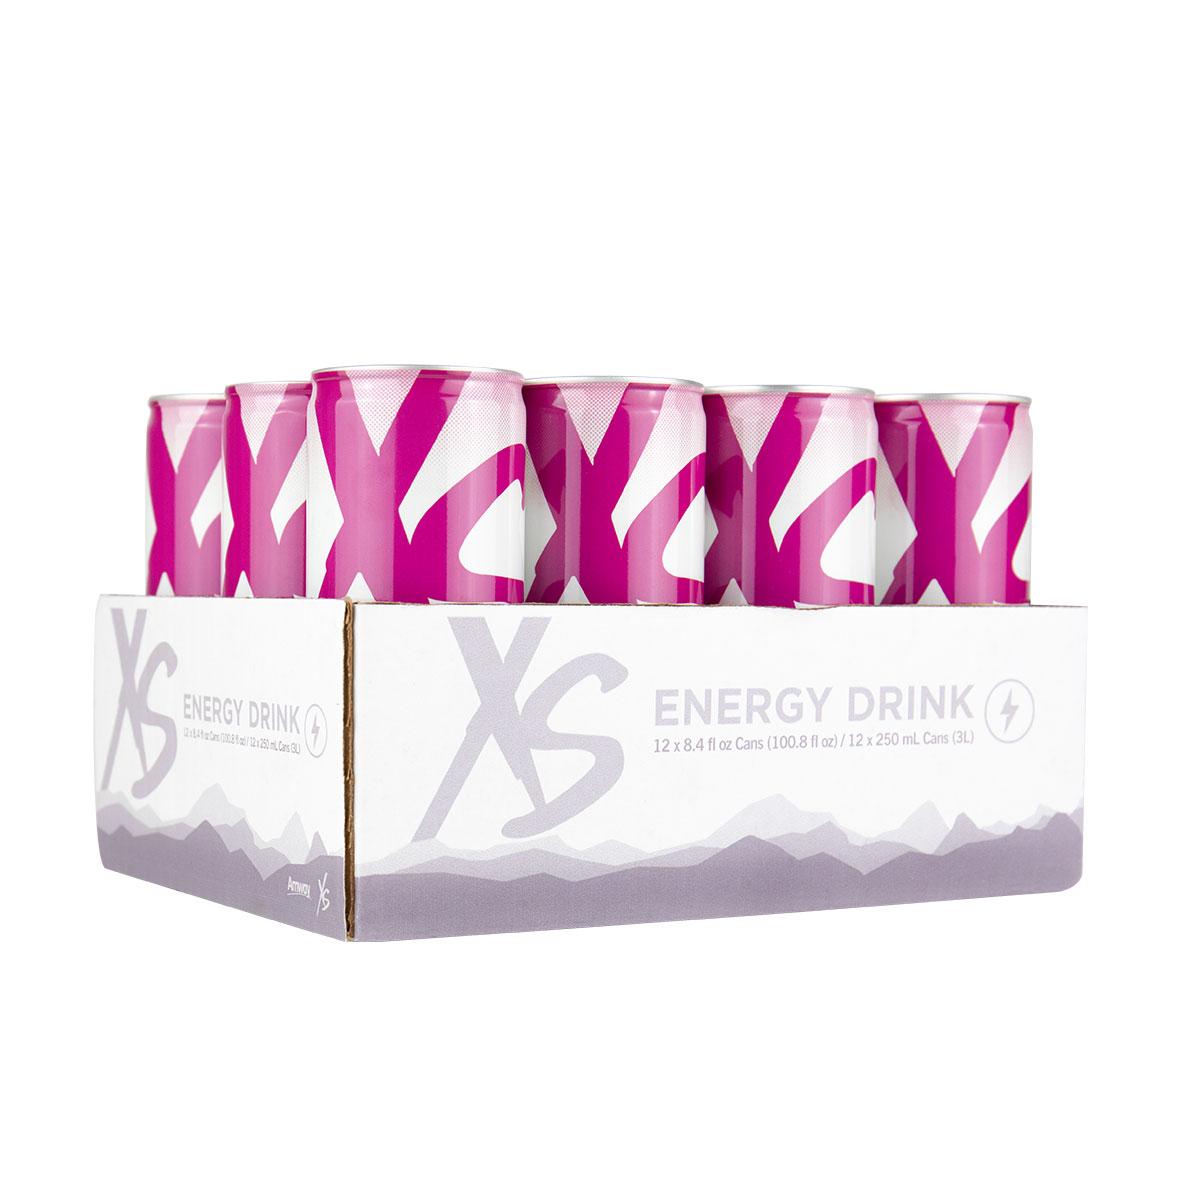 XS Energy Drink Cranberry - UVA